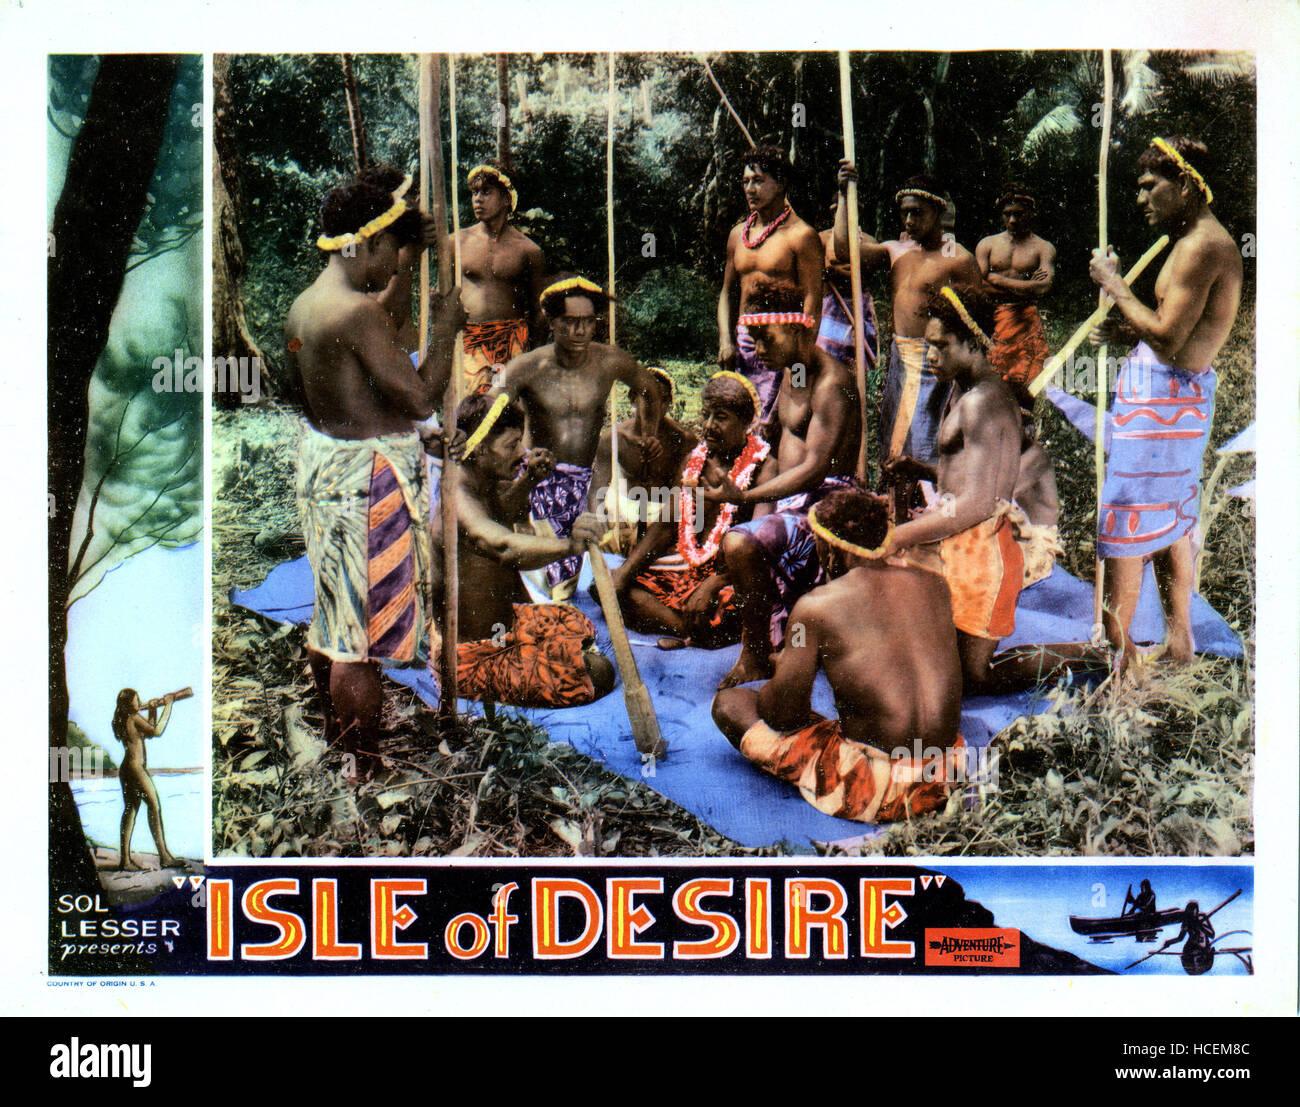 ISLE OF DESIRE, 1930 Stock Photo